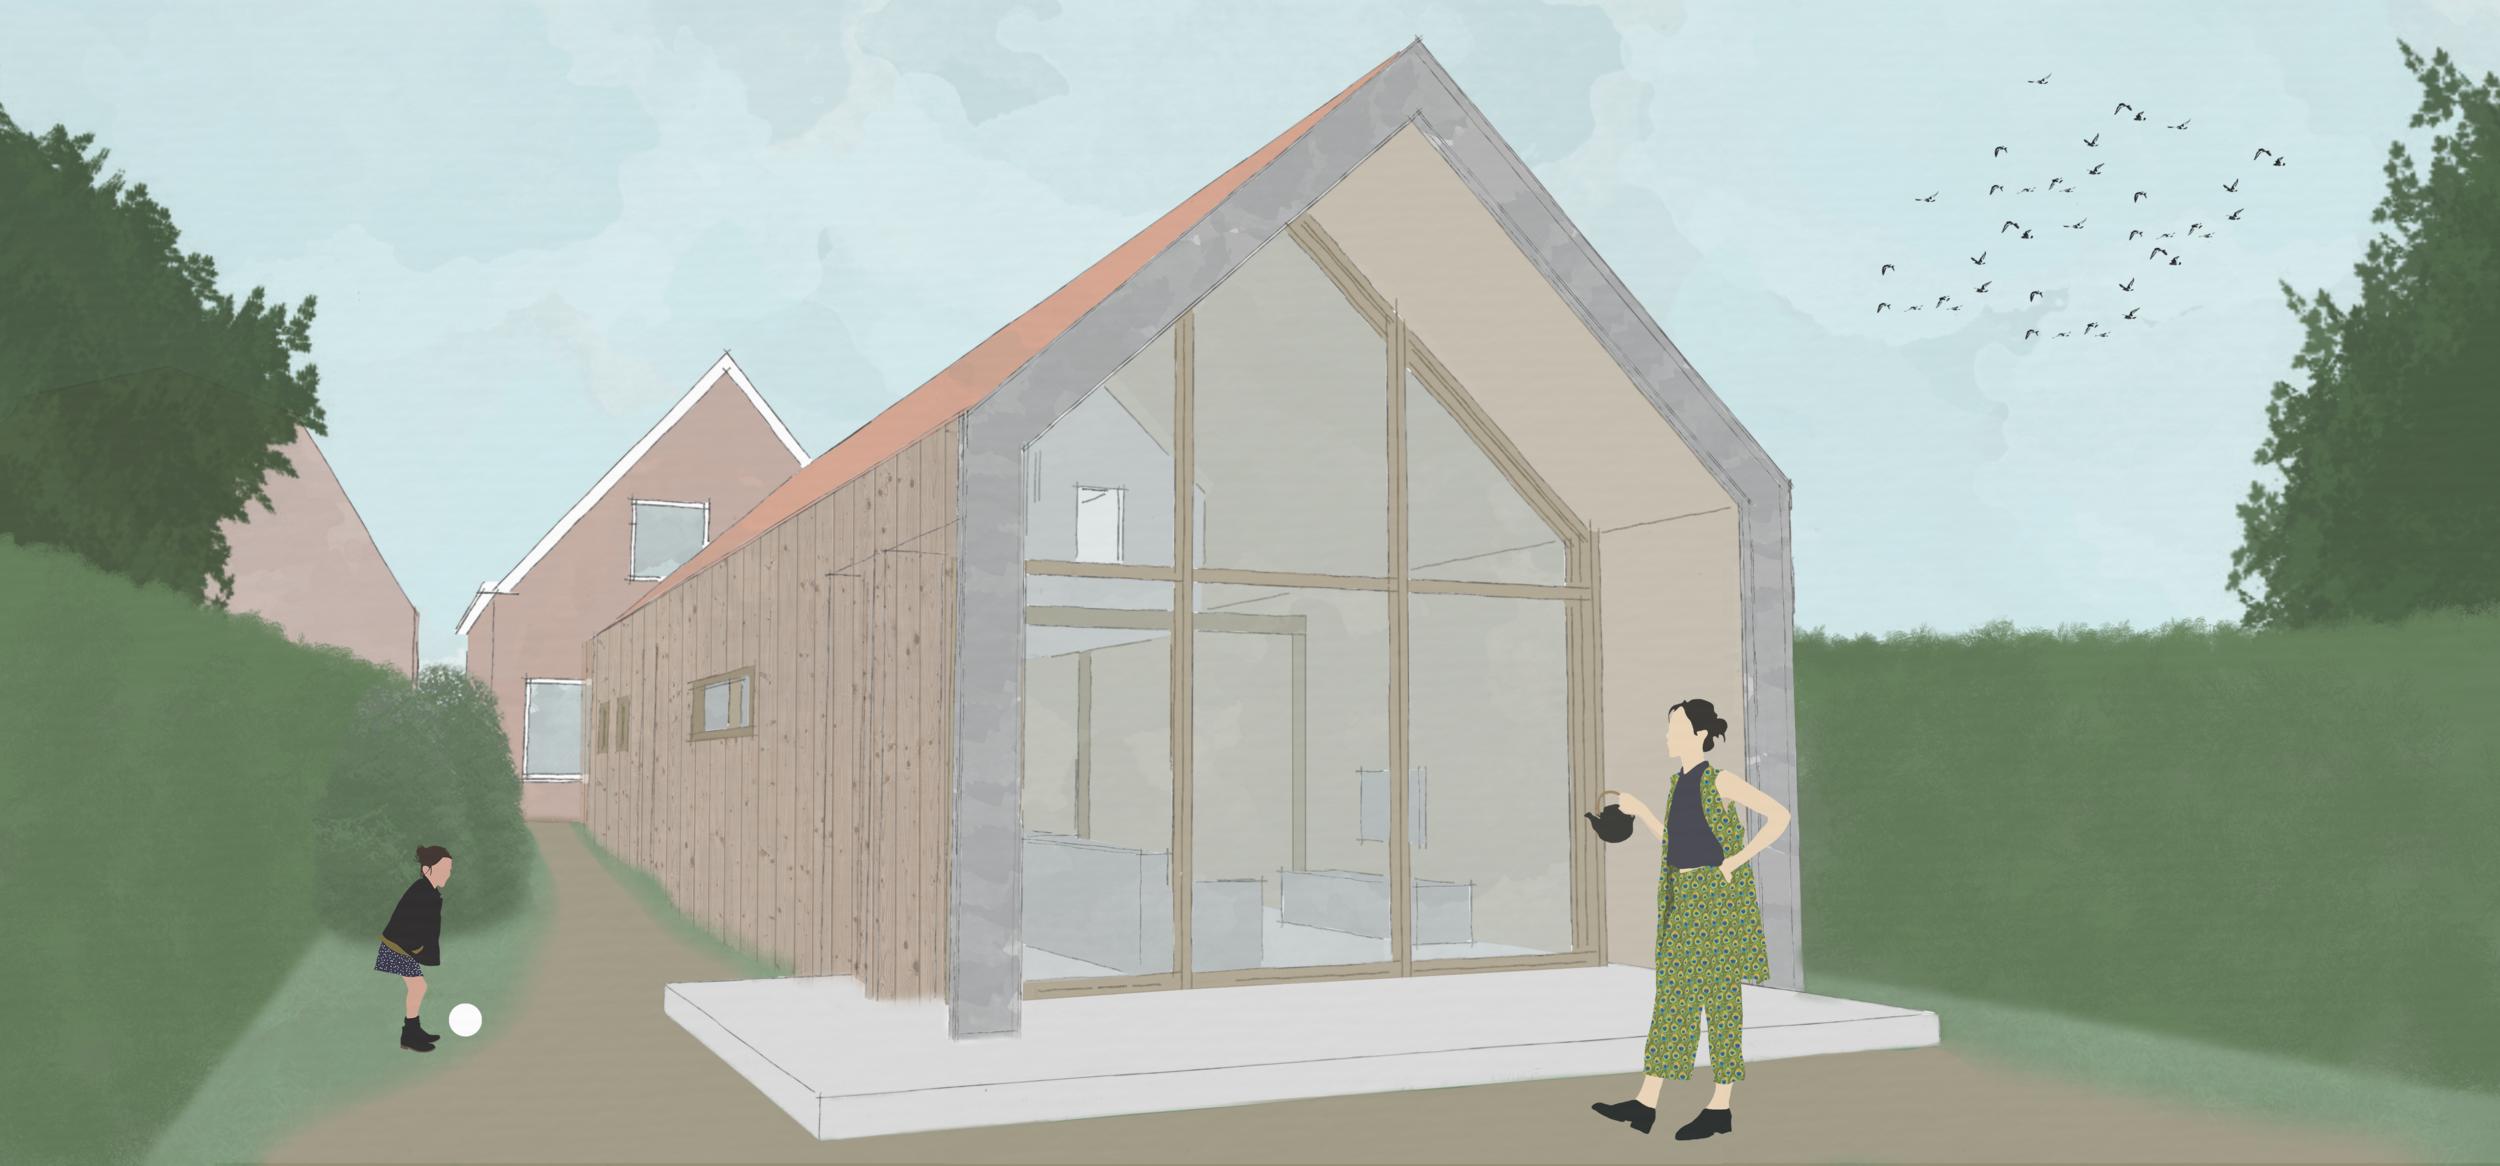 Kat Koree Architecten verduurzaming woonhuis Eegracht IJlst - energieneutraal cellulose isolatie